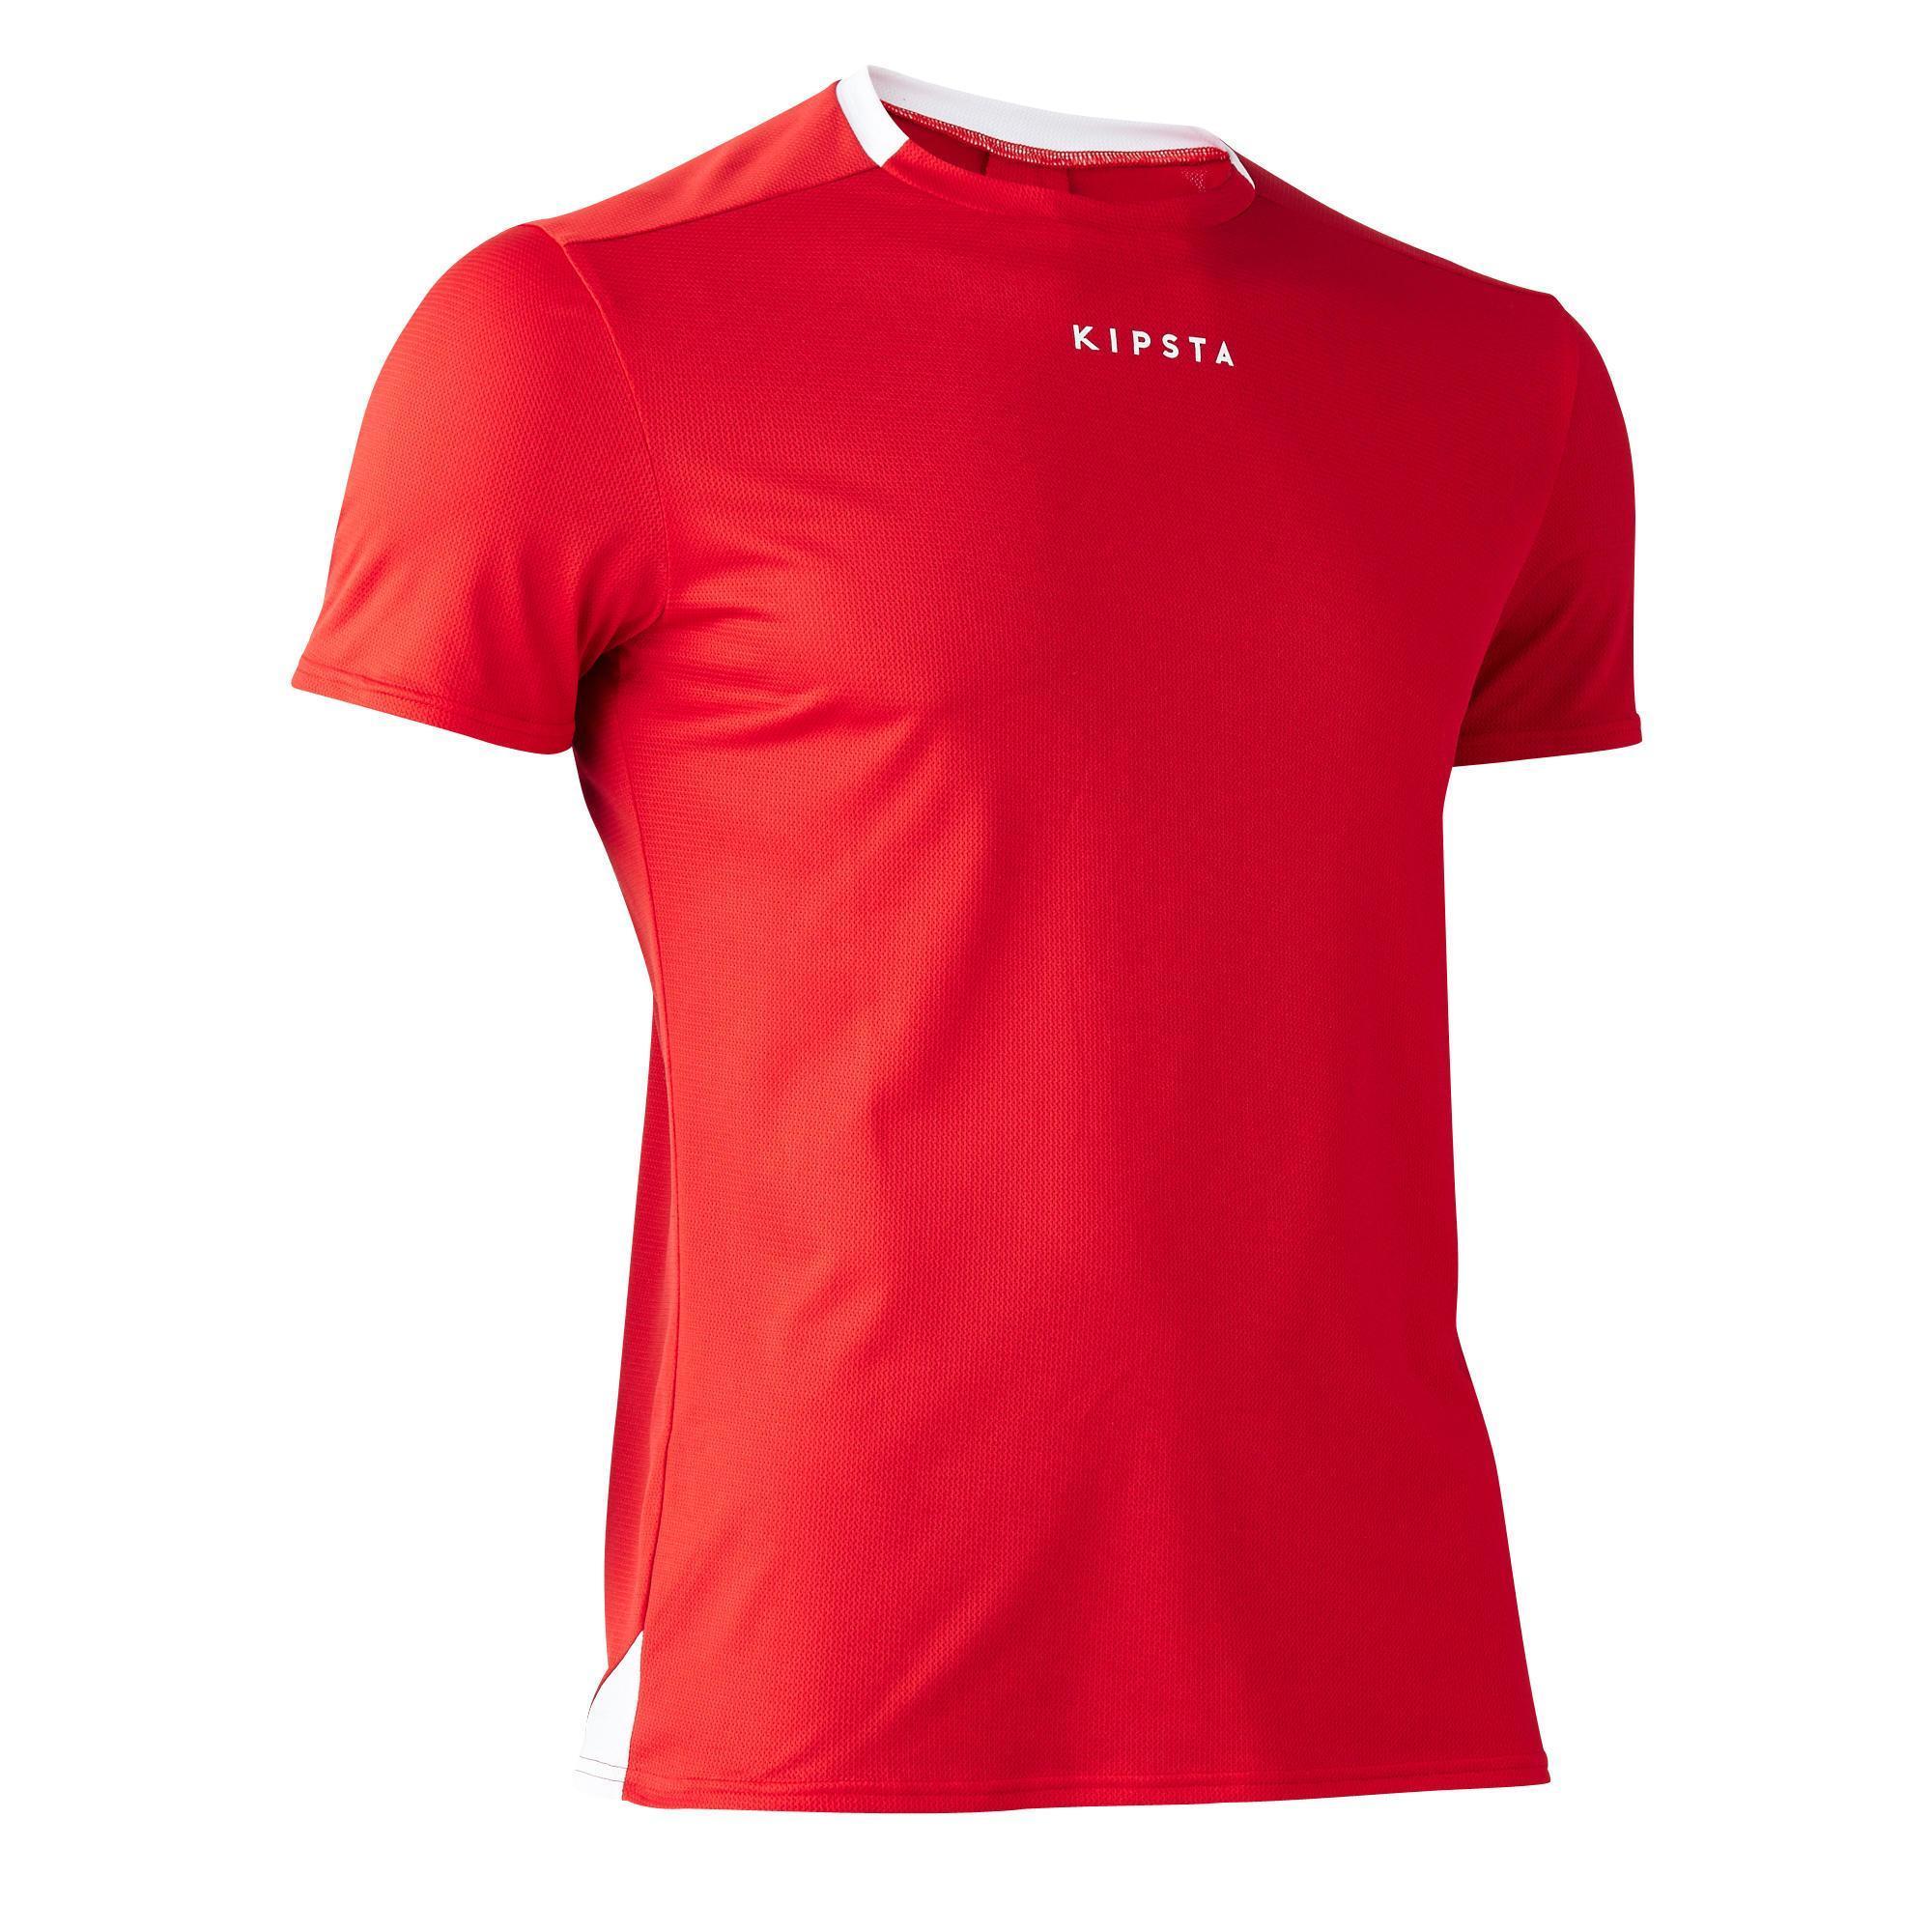 Kipsta Voetbalshirt F100 voor volwassenen rood